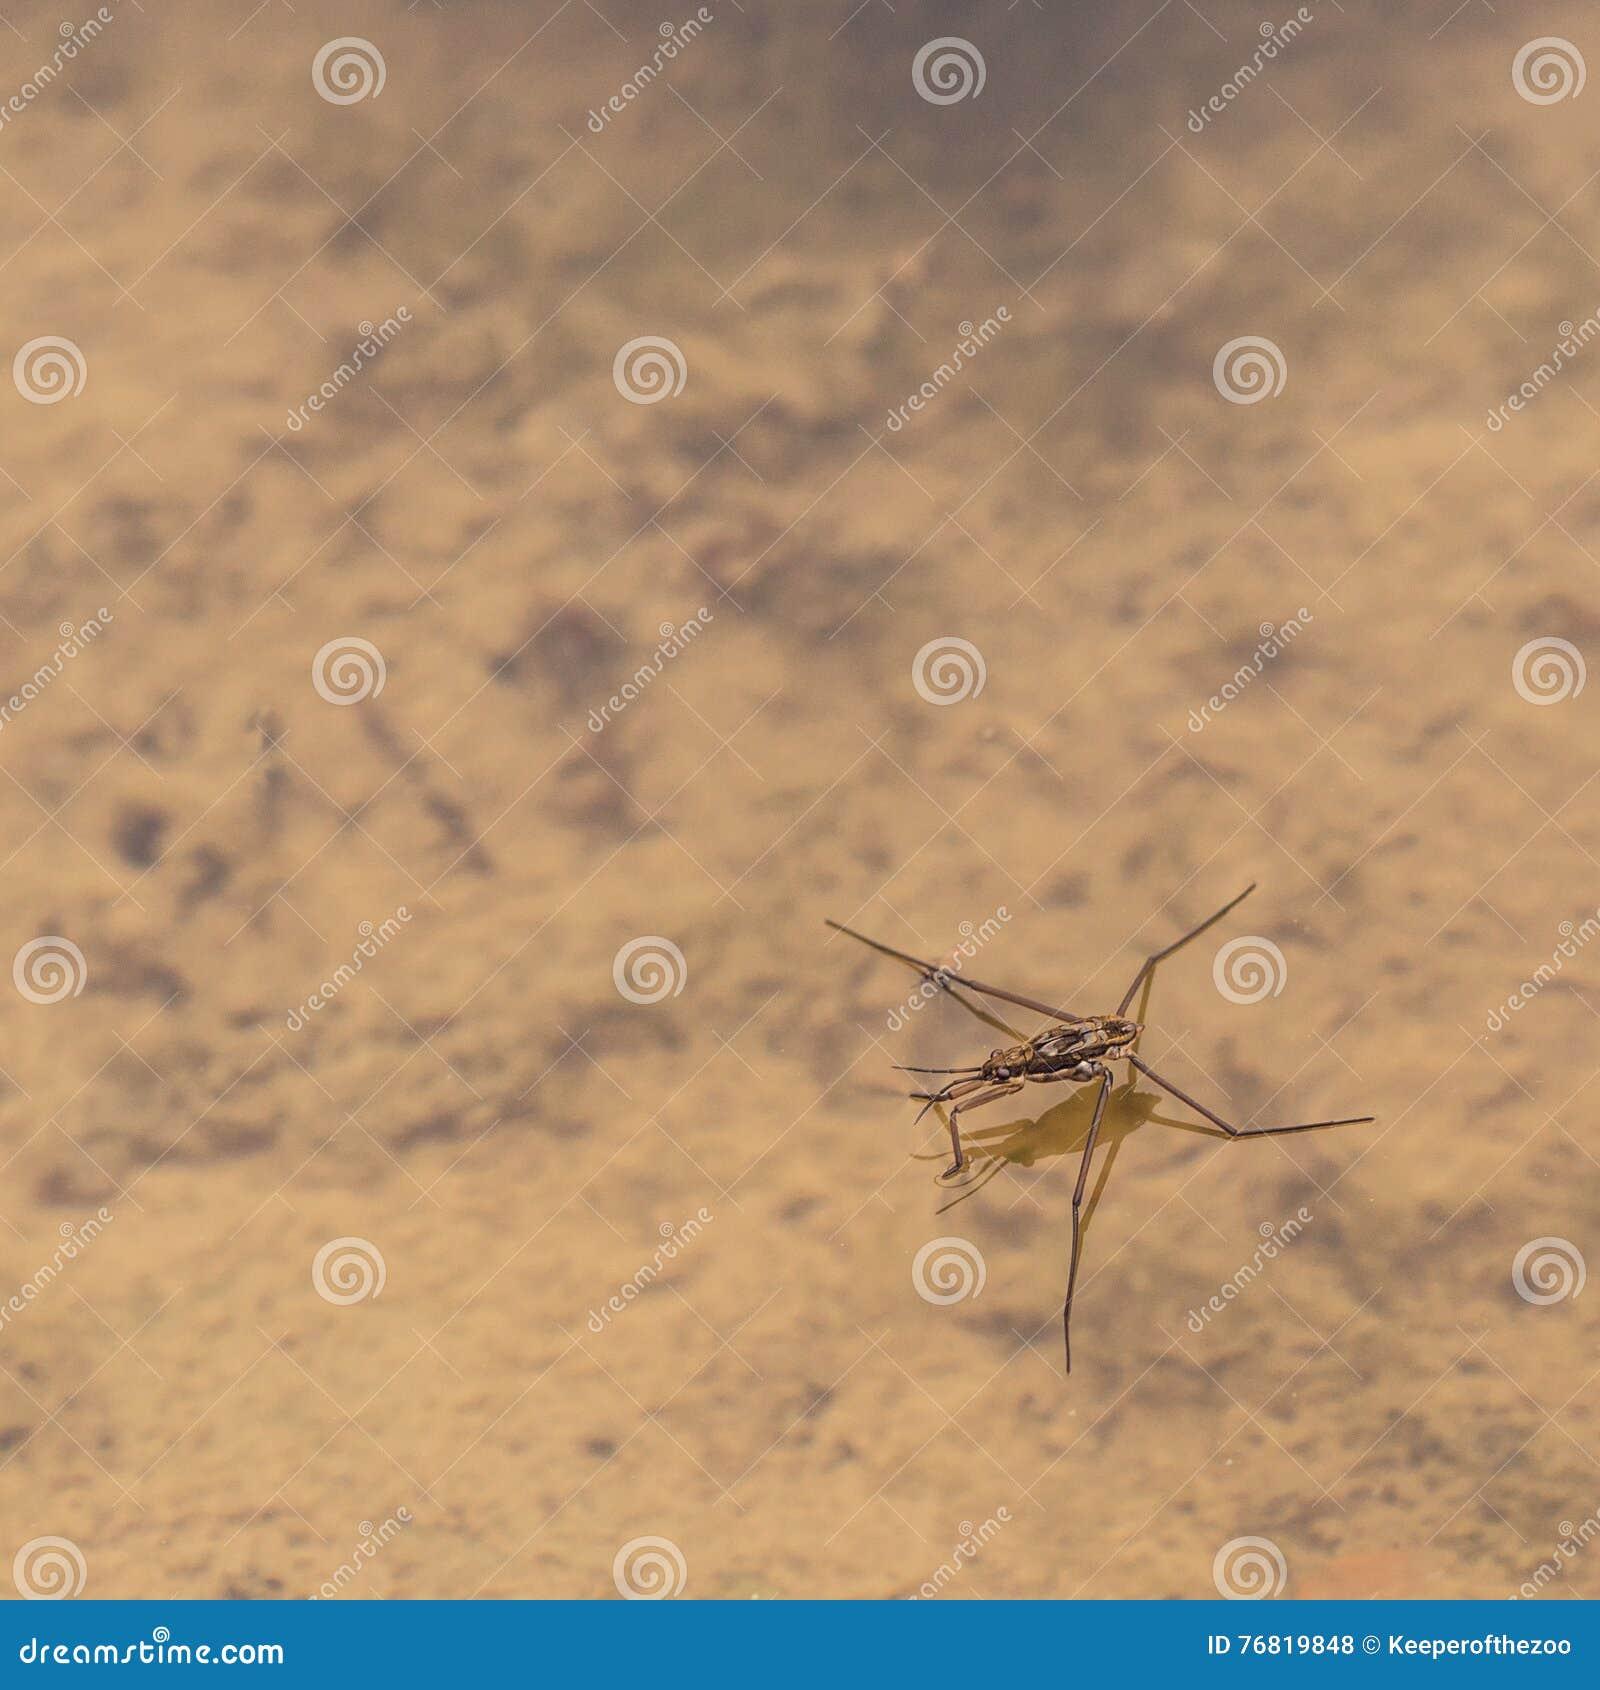 Water Strider on Pond